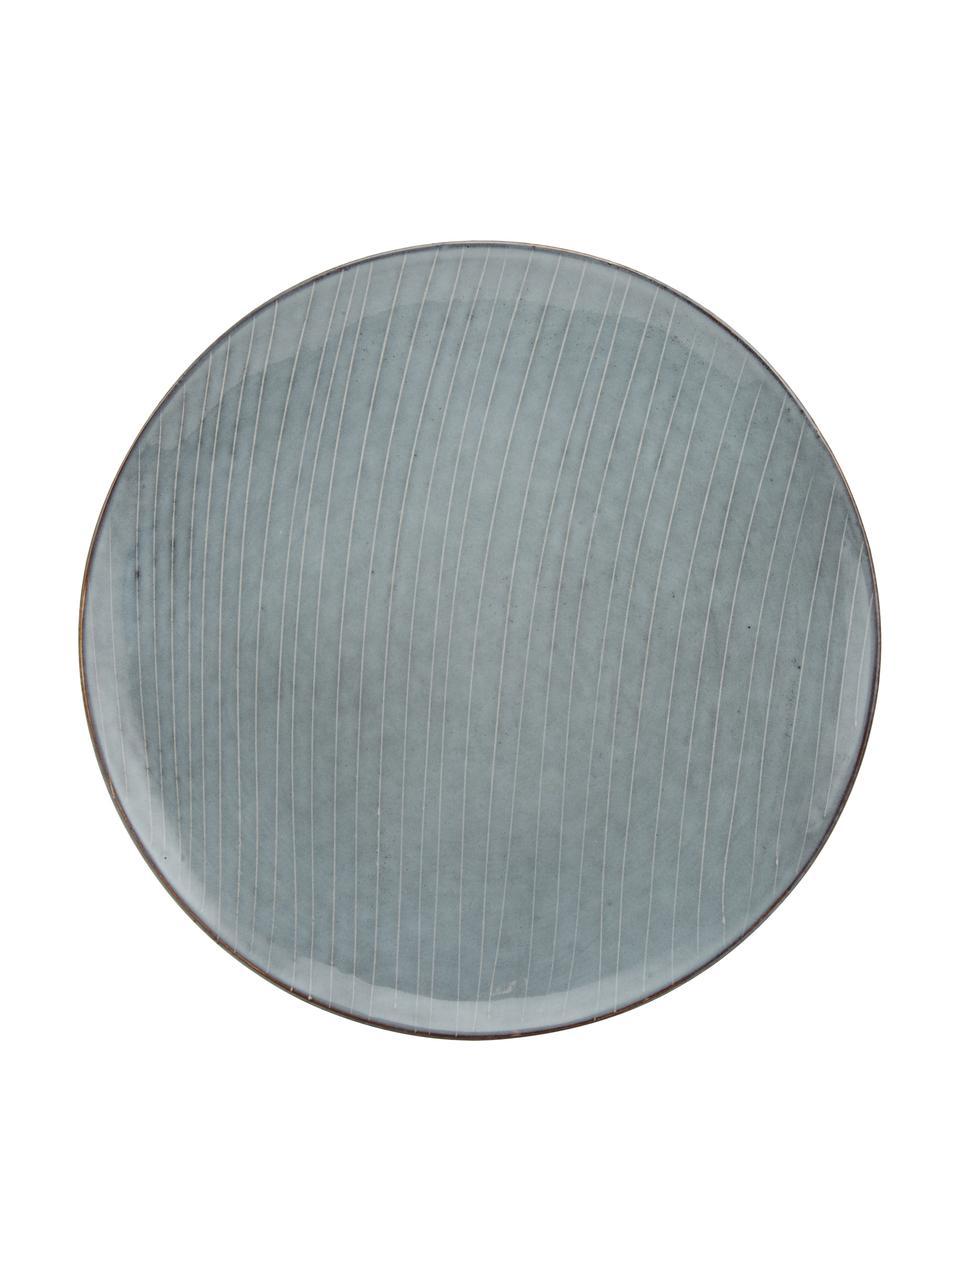 Handgemachte Speiseteller Nordic Sea aus Steingut, 4 Stück, Steingut, Grau- und Blautöne, Ø 26 cm